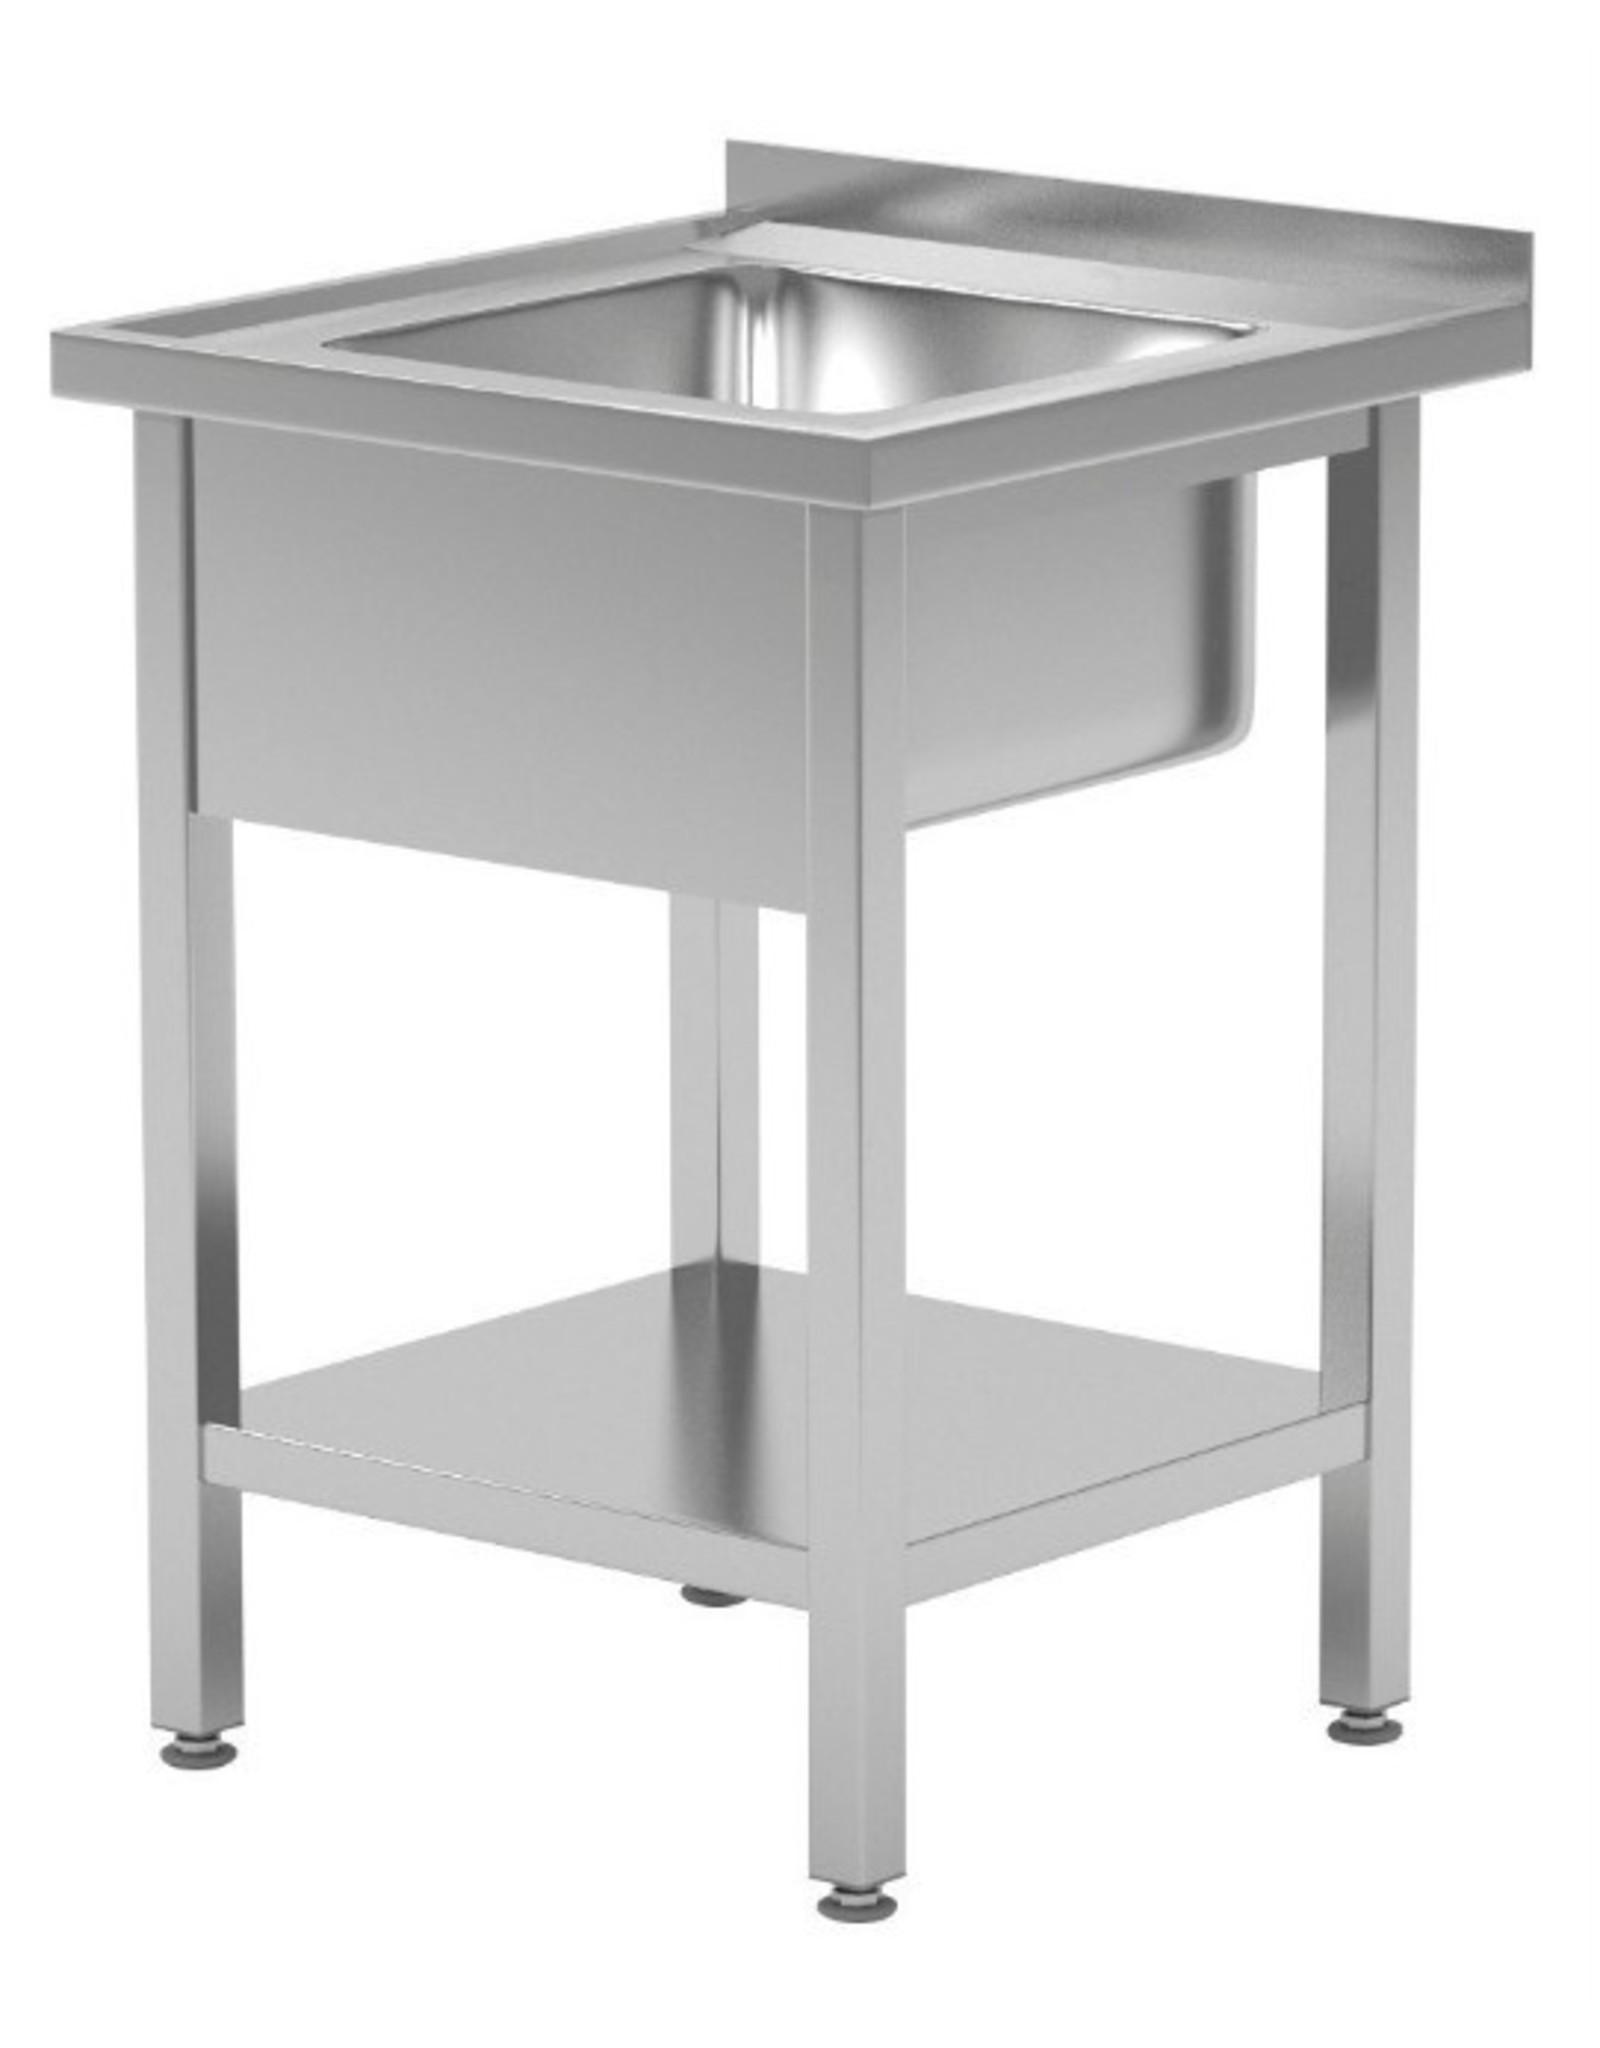 Spoeltafel | met onderplank | 600-700mm breed | 600 of 700mm diep